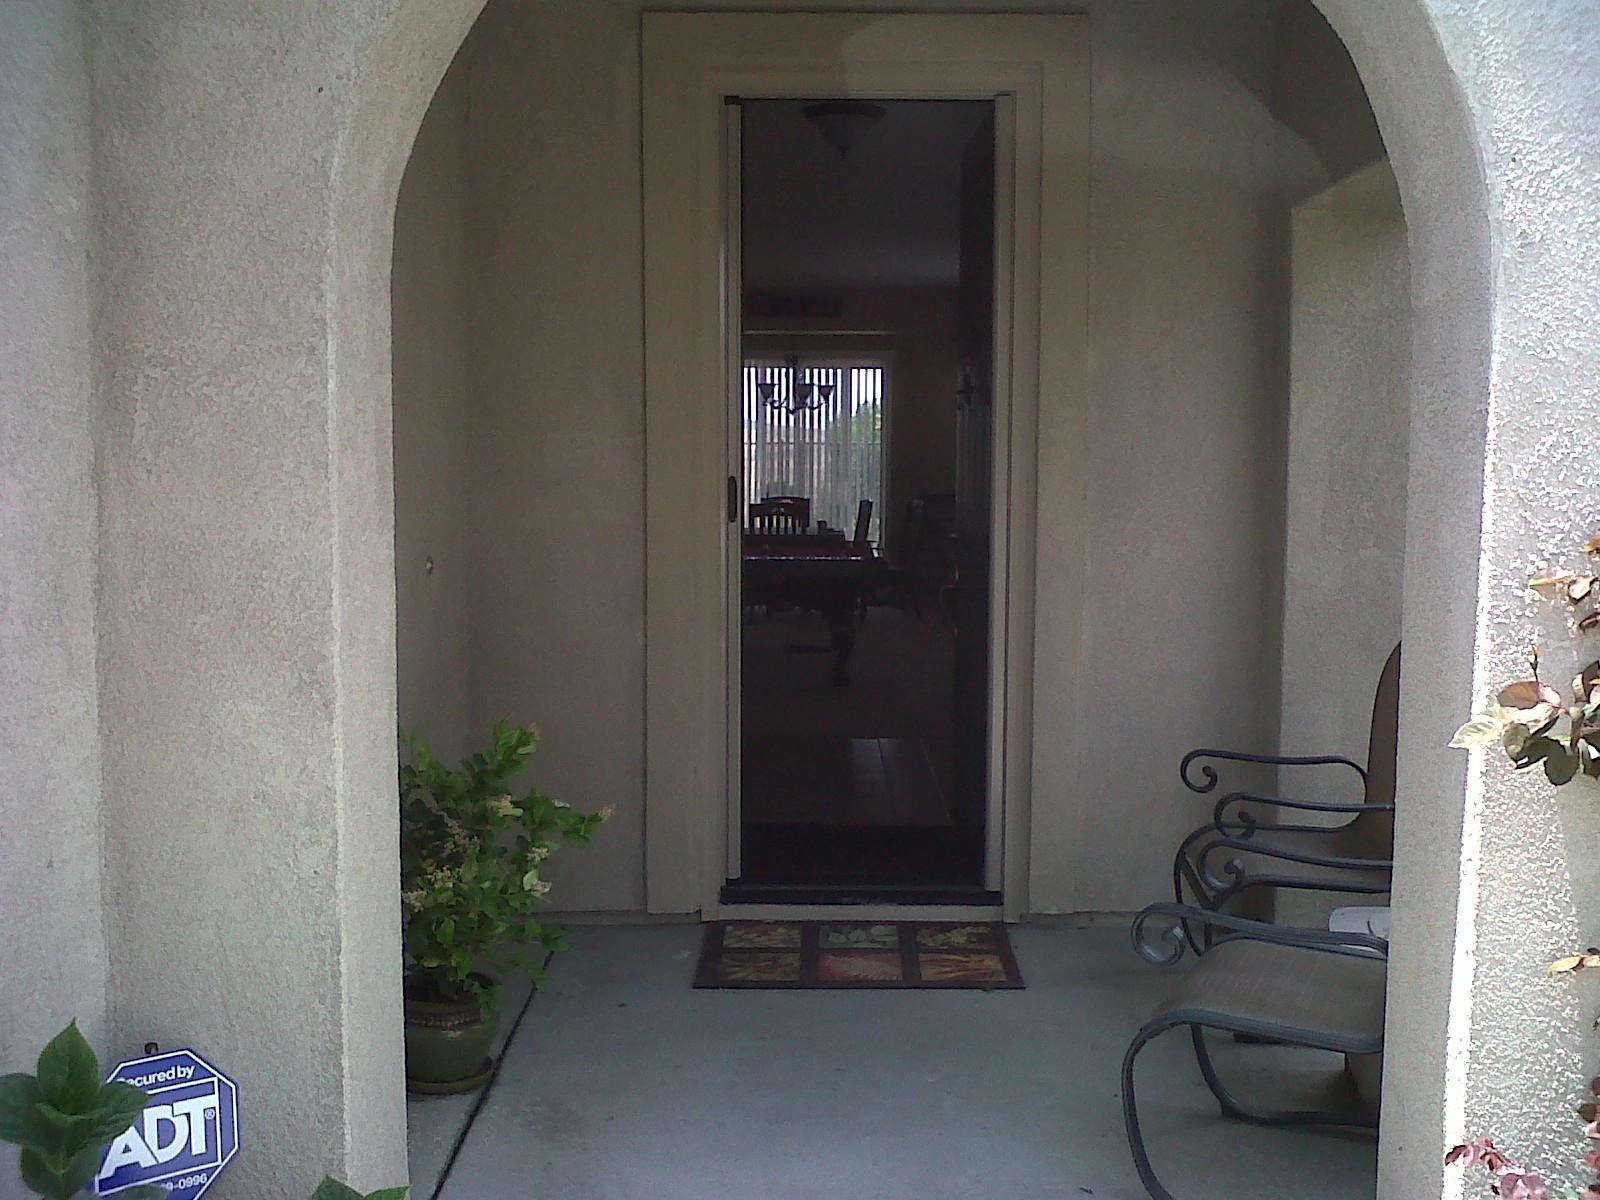 12005595195108081600 Home Security Doors Lowes Size Residential Simple Design Metal 595146 Steel Door Lowes